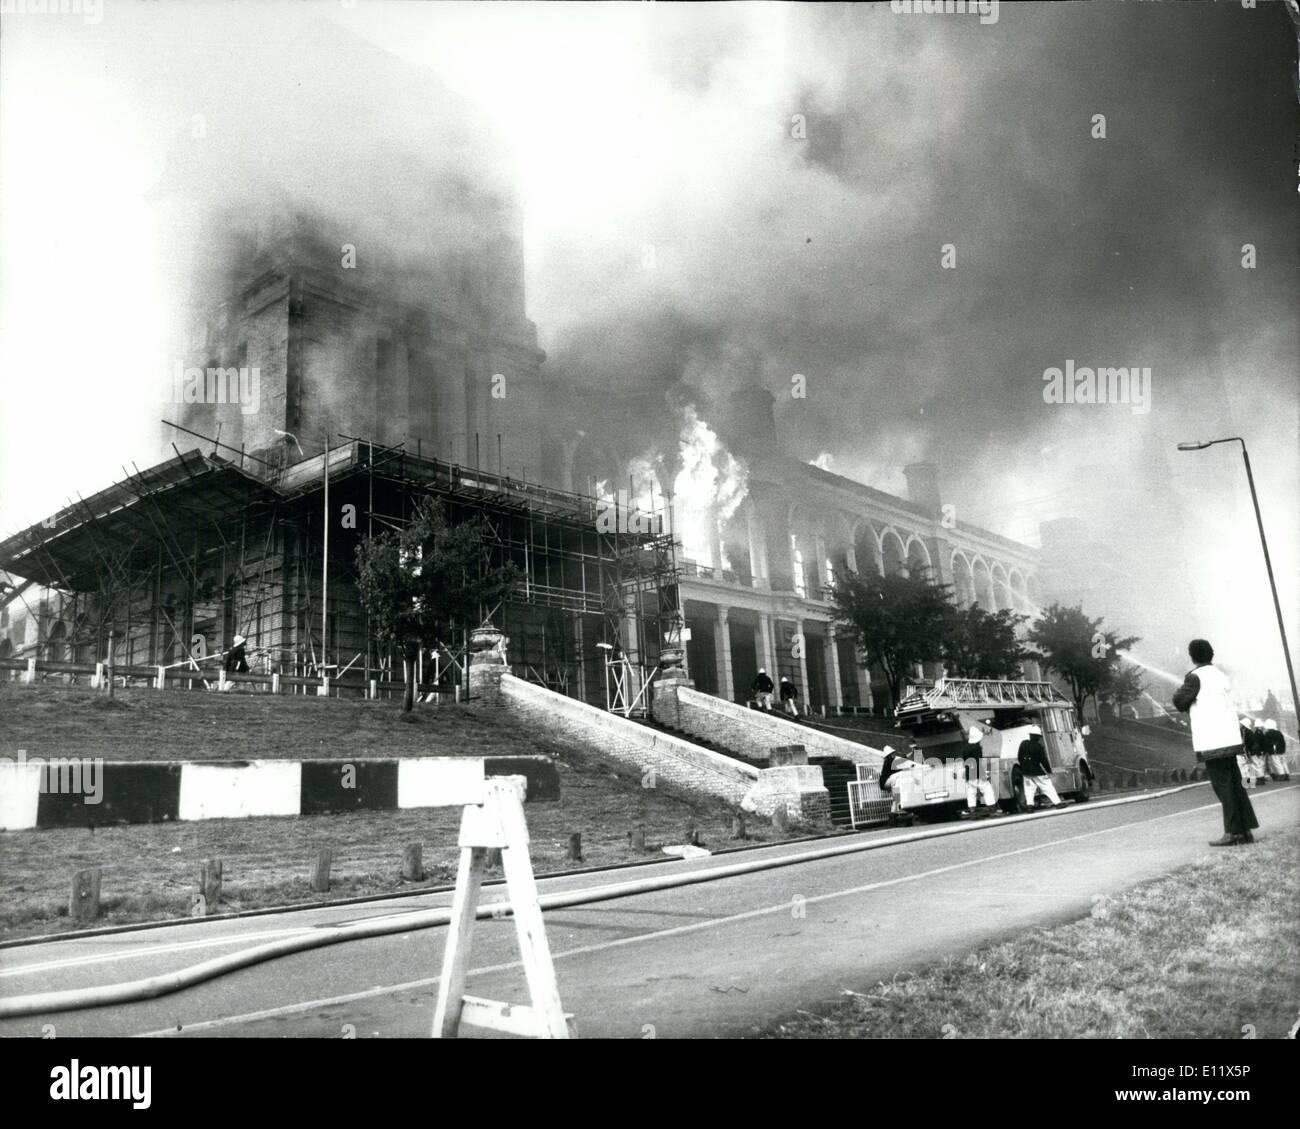 """7. Juli 1980 - Alexabdra Palace """"Fast A Totalverlust"""": Alexandra Palace, der Unterhaltung und kulturelle Zentrum im Norden von London, wurde erklärt '' fast ein Totalverlust letzte Nacht als mehr als 200 Feuerwehrleute setzte, ein Feuer zu bekämpfen, das Gebäude, Stadtrat Robin Young, Leiter des Haringey Rat fegte, die kürzlich erworbenen 105 Jahre alte """"Ally Pally"""" und startete ein Sanierungsprogramm £ 8 Millionen , hat '' Es gibt Schäden an Teilen post''. Das Feuer in der Nähe von den massiven auf der Eisbahn und anderen Flügel des Gebäudes Stockbild"""